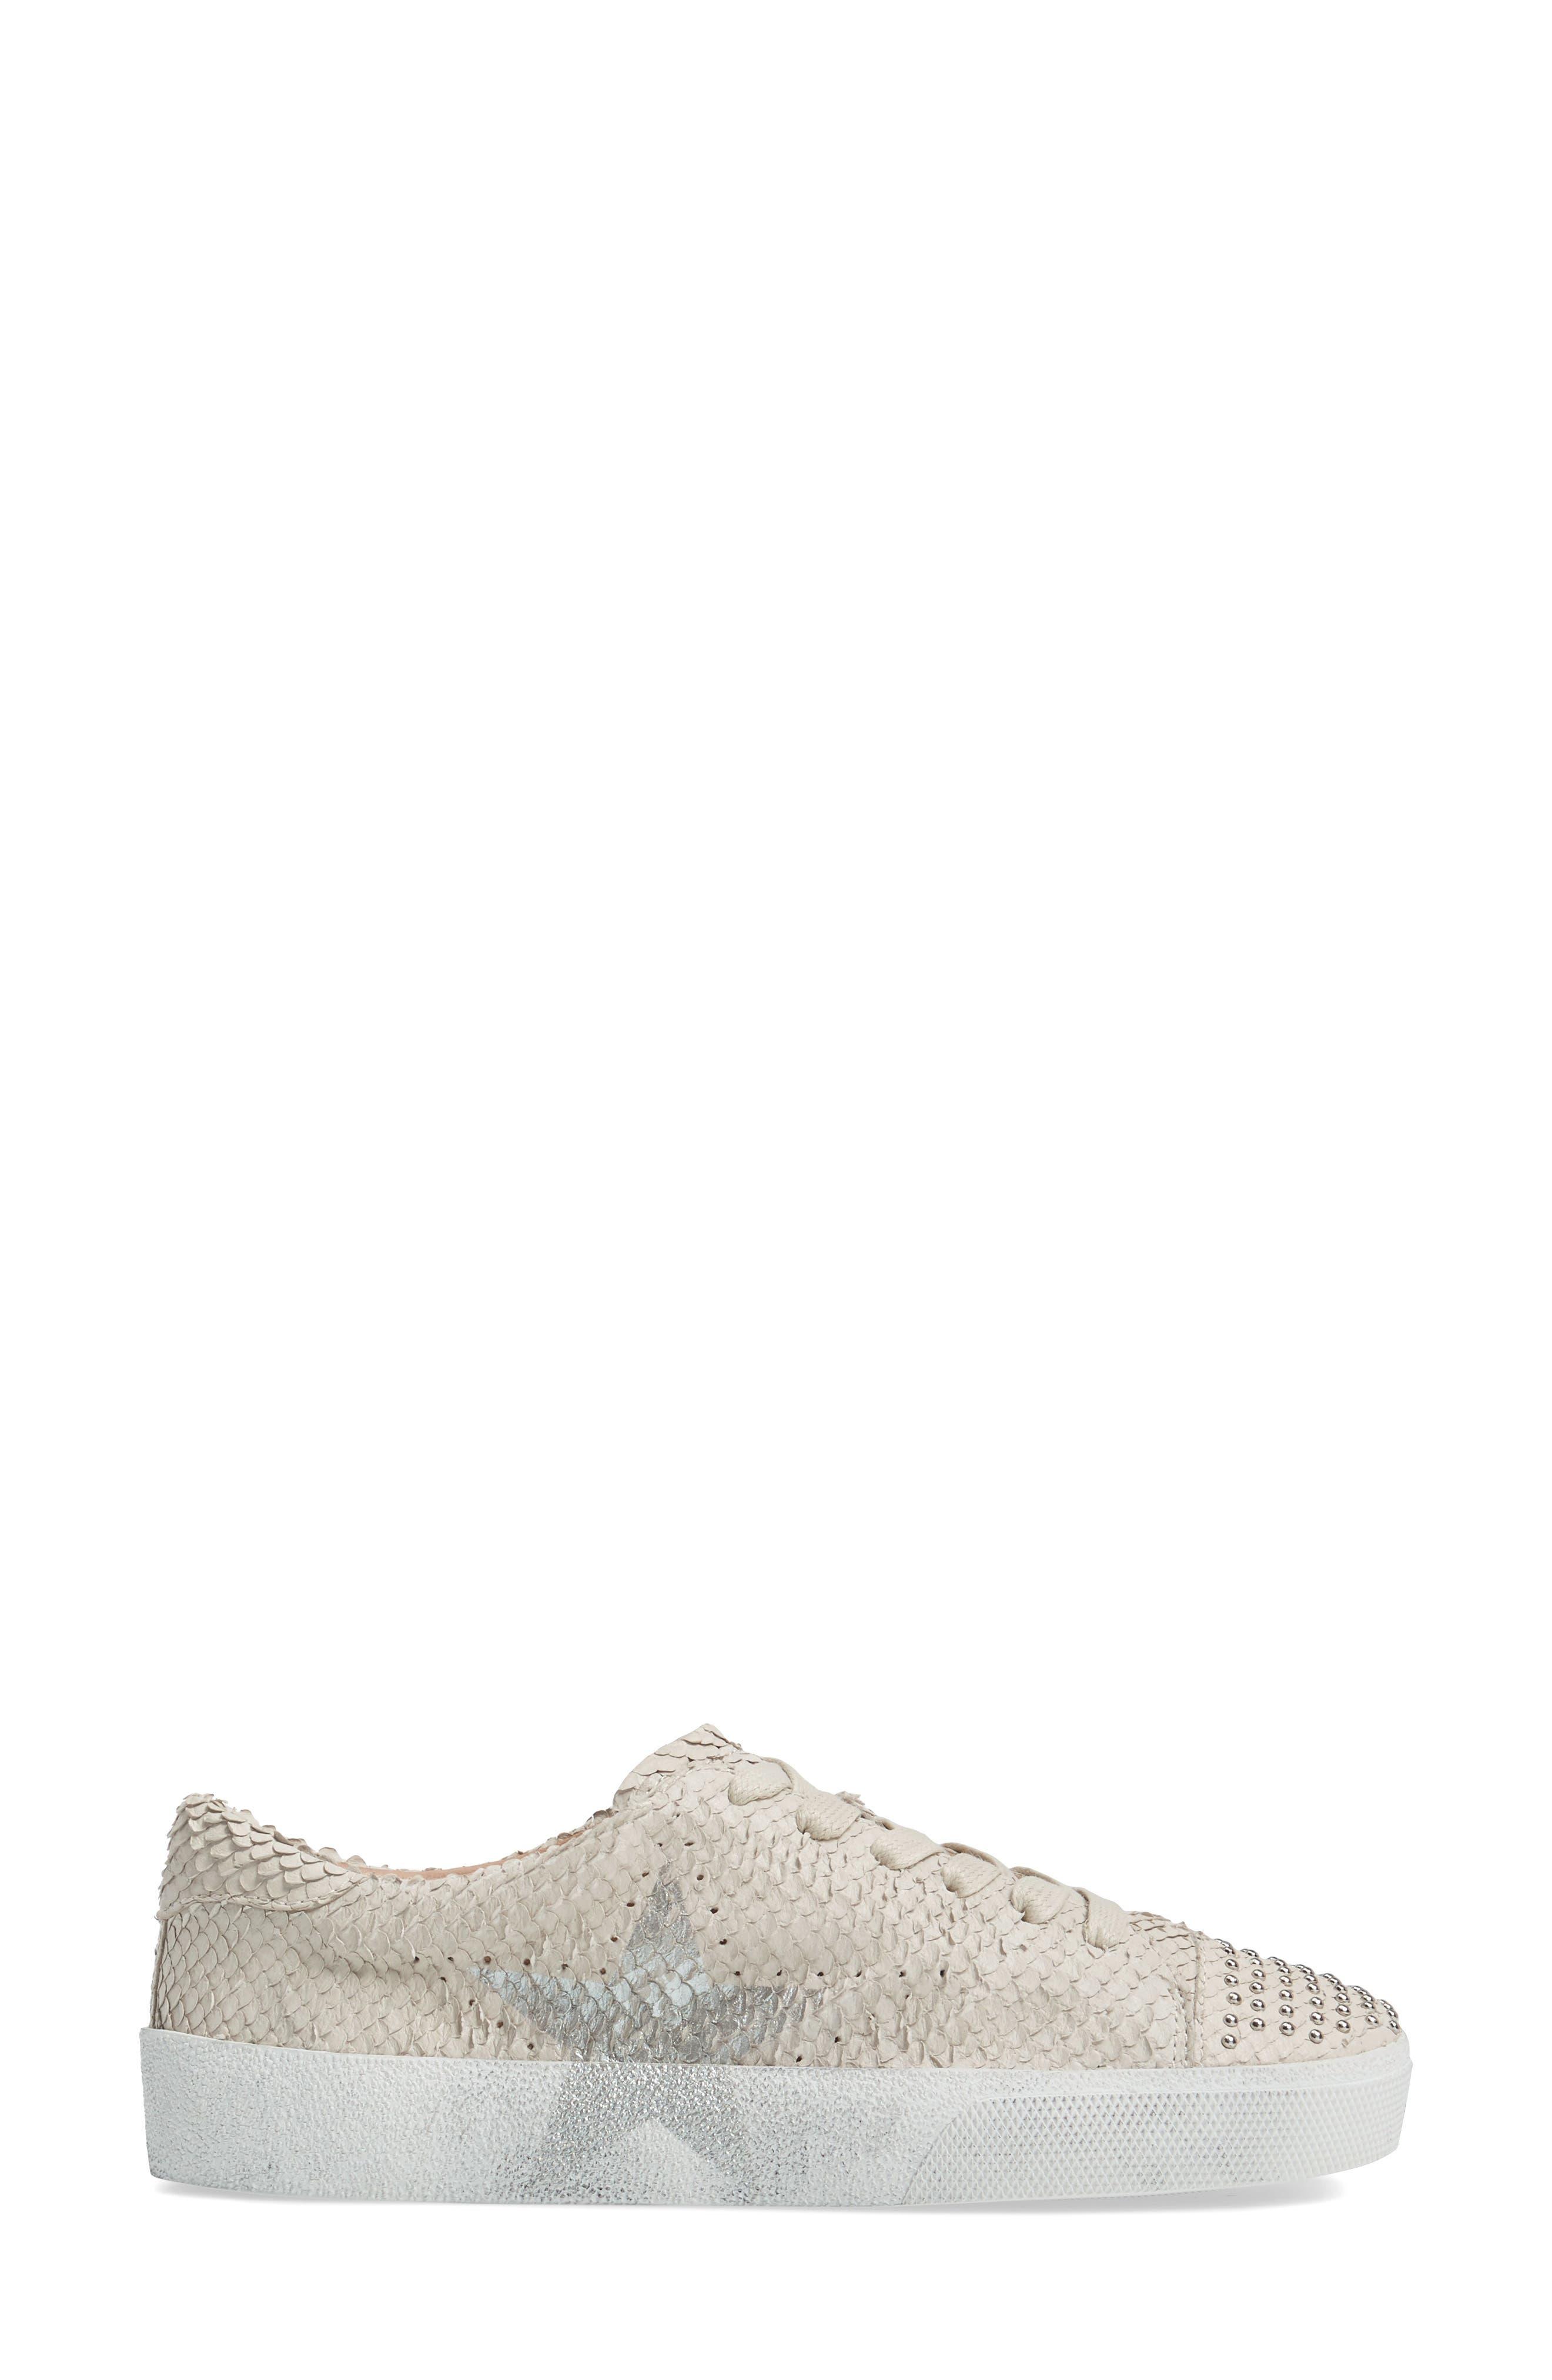 Alternate Image 3  - Mercer Edit Catcall Studded Sneaker (Women)